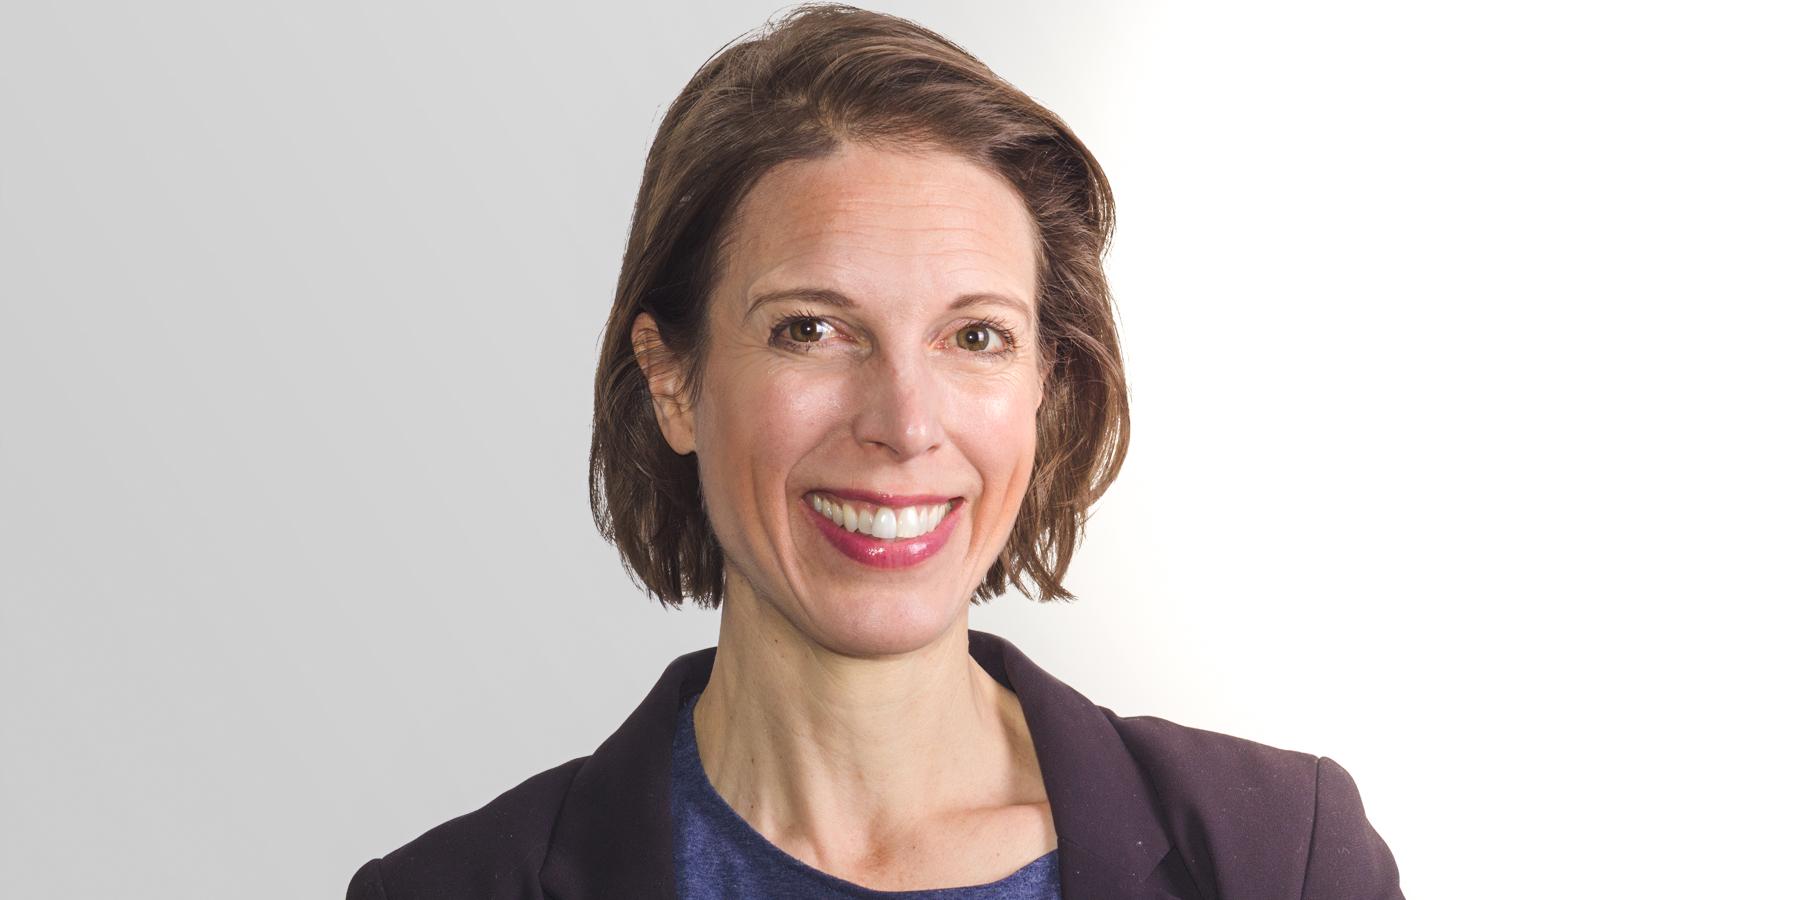 Laura Feldmann